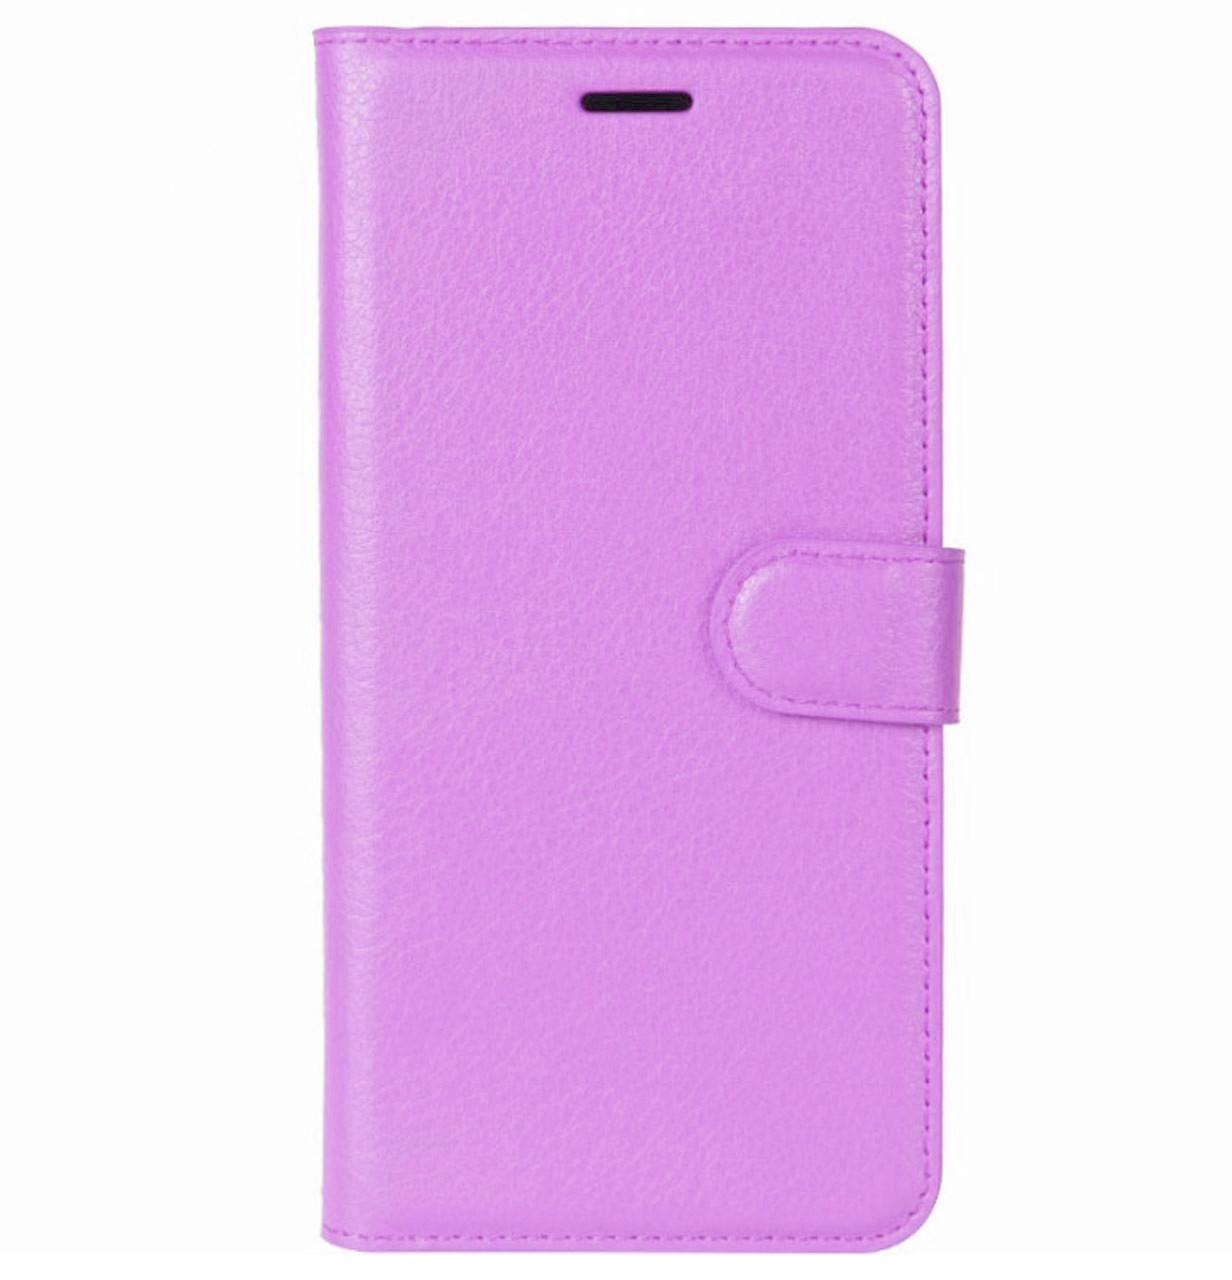 Чехол-книжка Wallet с визитницей для Meizu M6 Note Violet